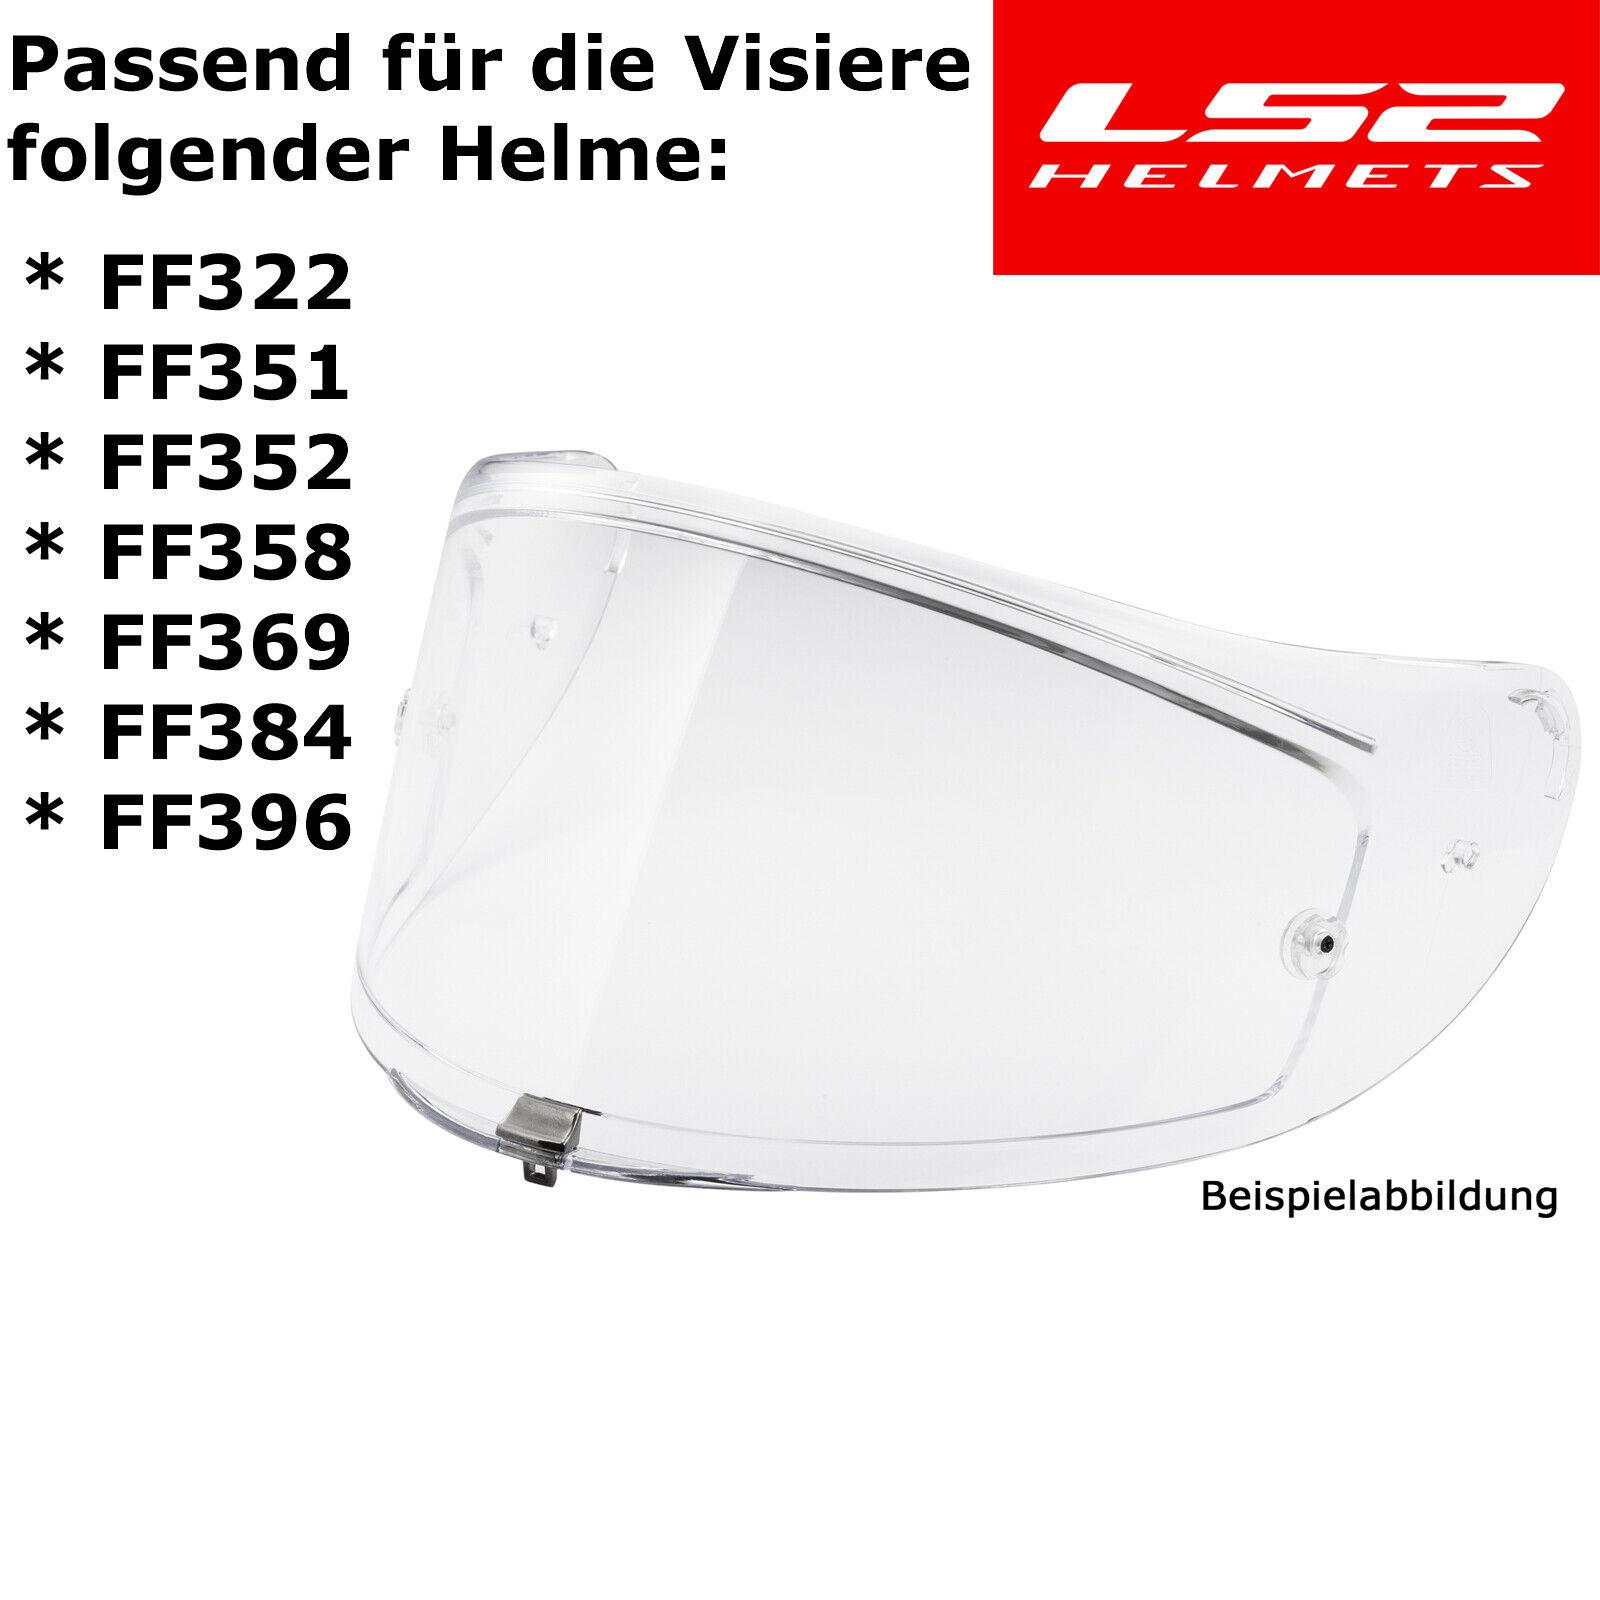 FF369 FF384 FF352 LS2 Visier BLAU-VERSPIEGELT für Helm FF351